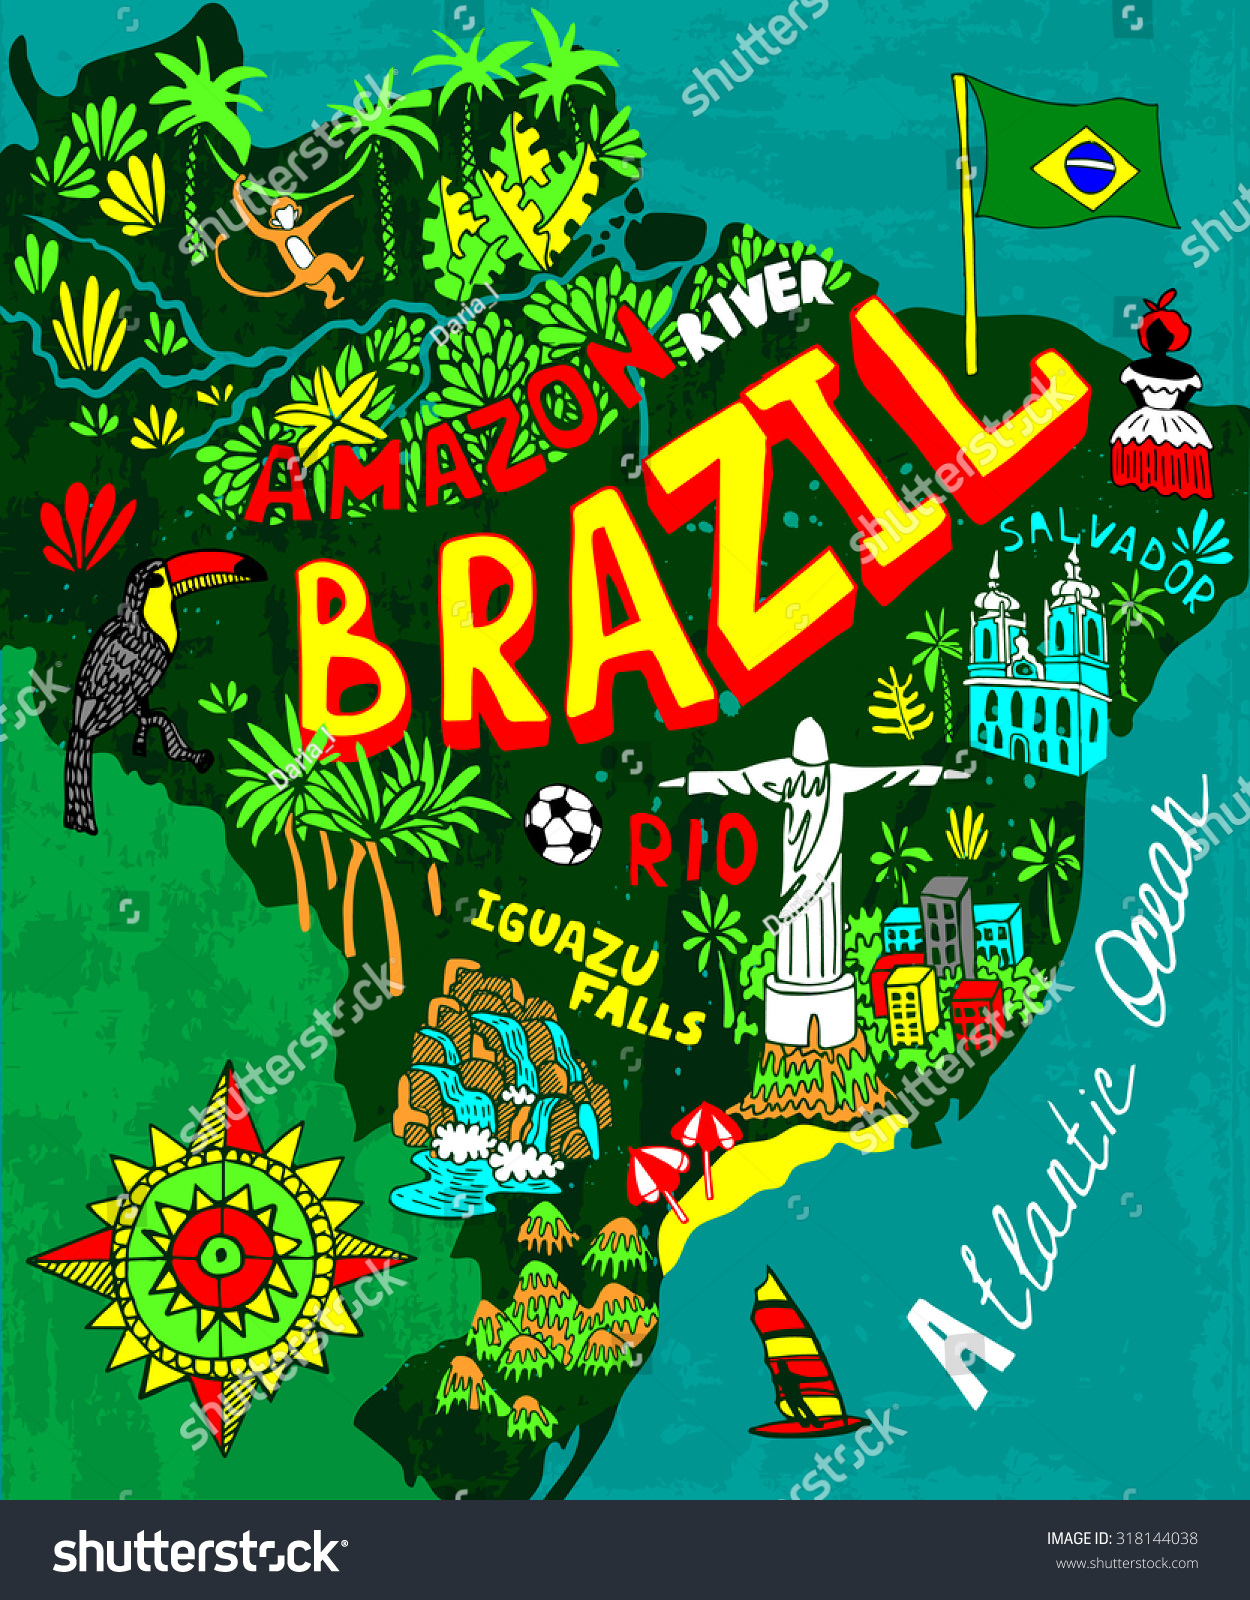 Illustrated Map Brazil Stock Vector Shutterstock - Brazil map illustration